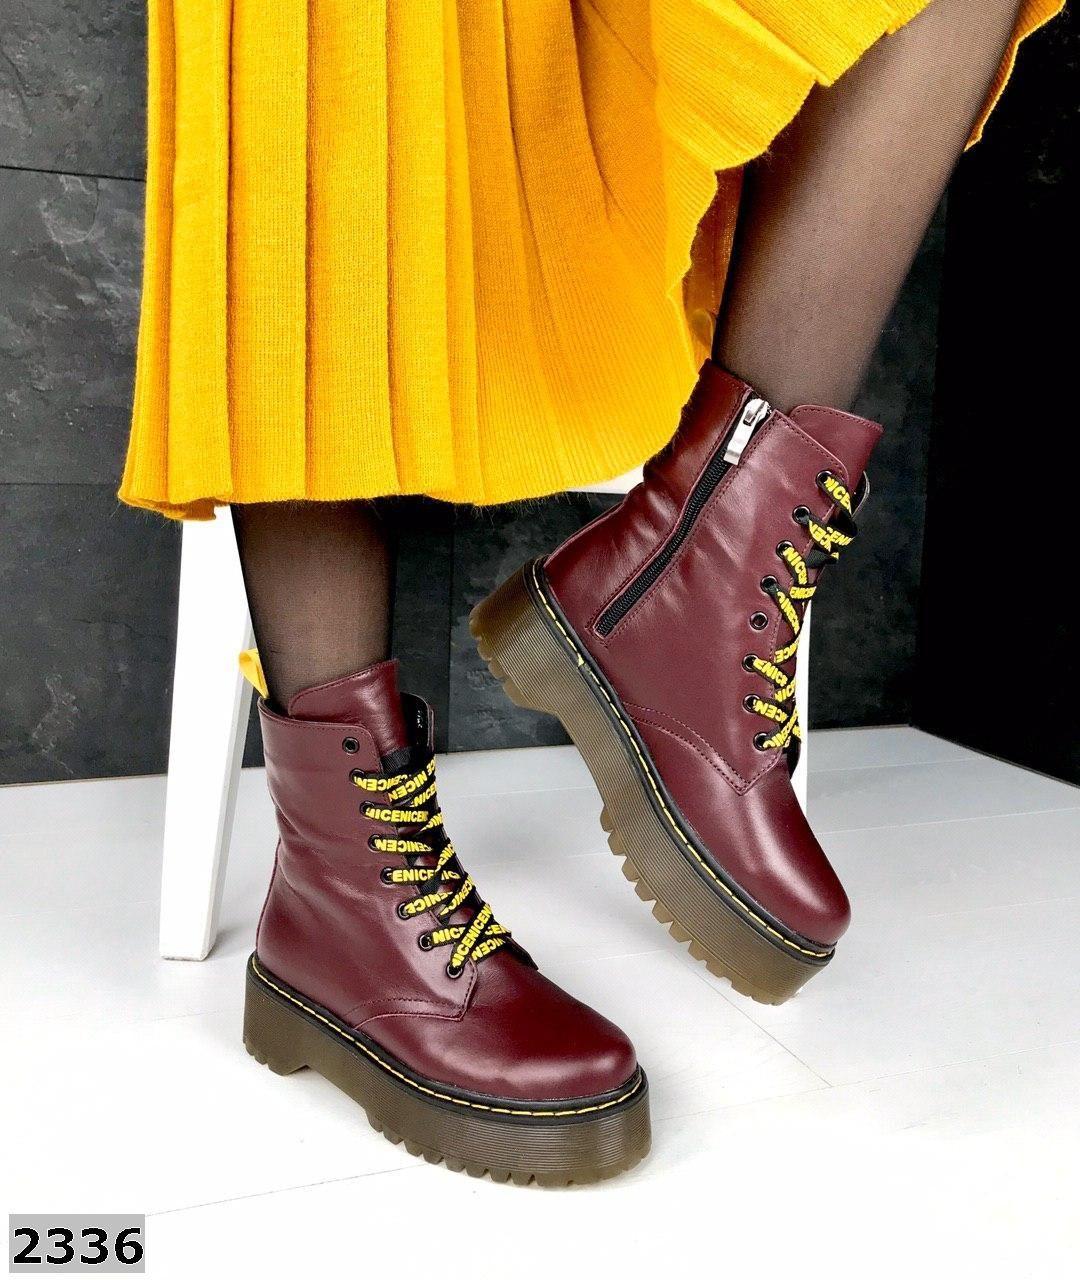 Демисезонные ботиночки =MaRT//NS = //ХИТ СЕЗОНА// Натуральная кожа. Размер 36 39